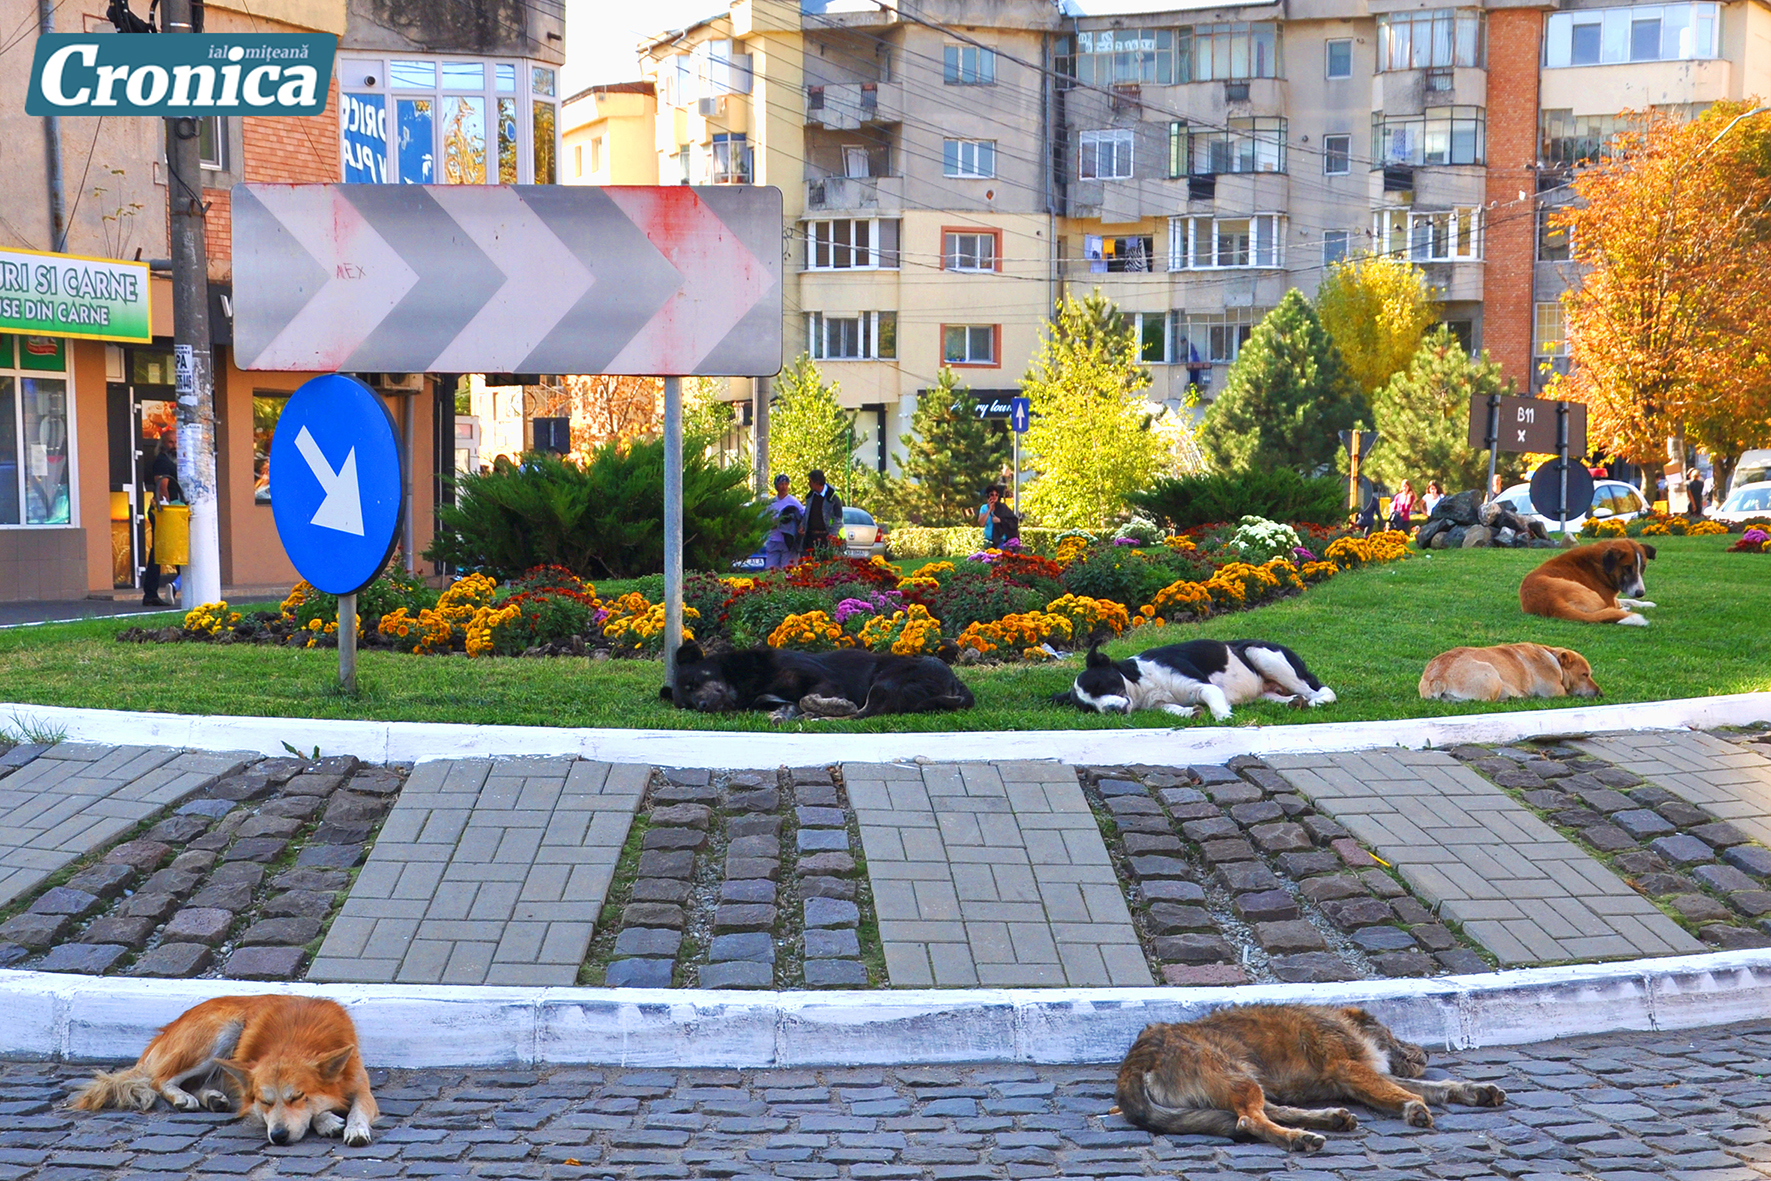 campania de ridicare a câinilor fără stăpân